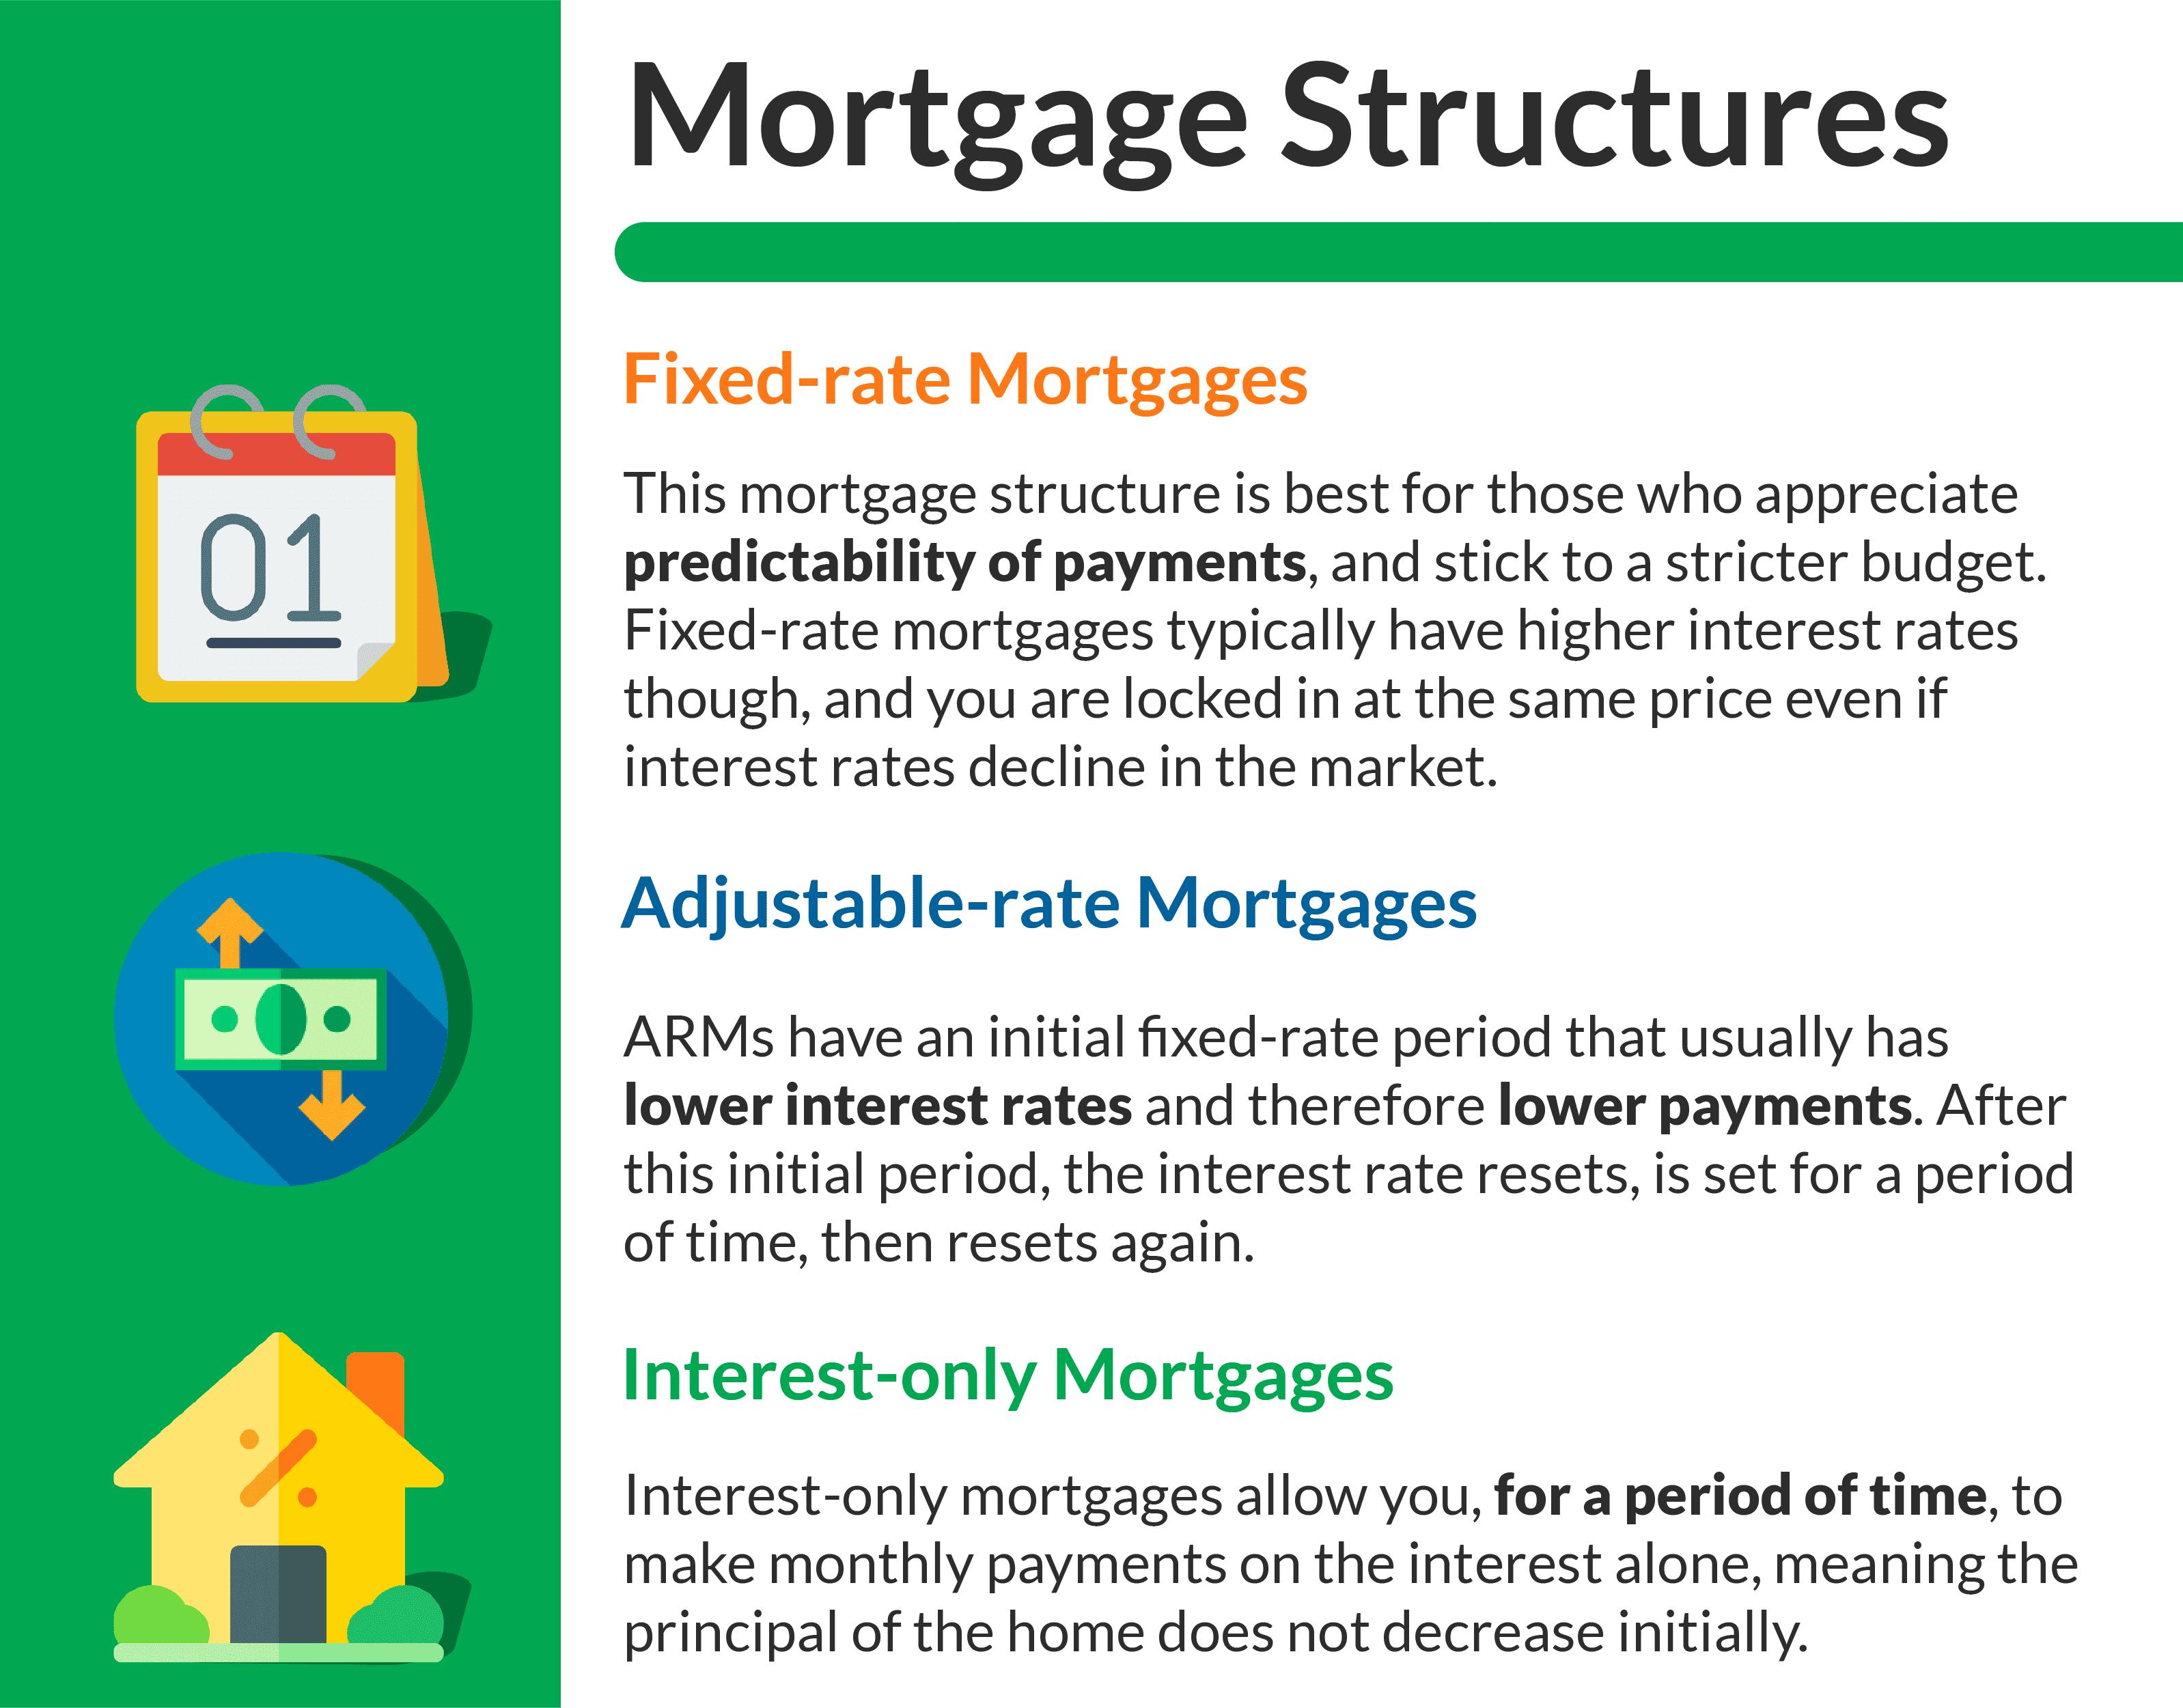 estructuras hipotecarias